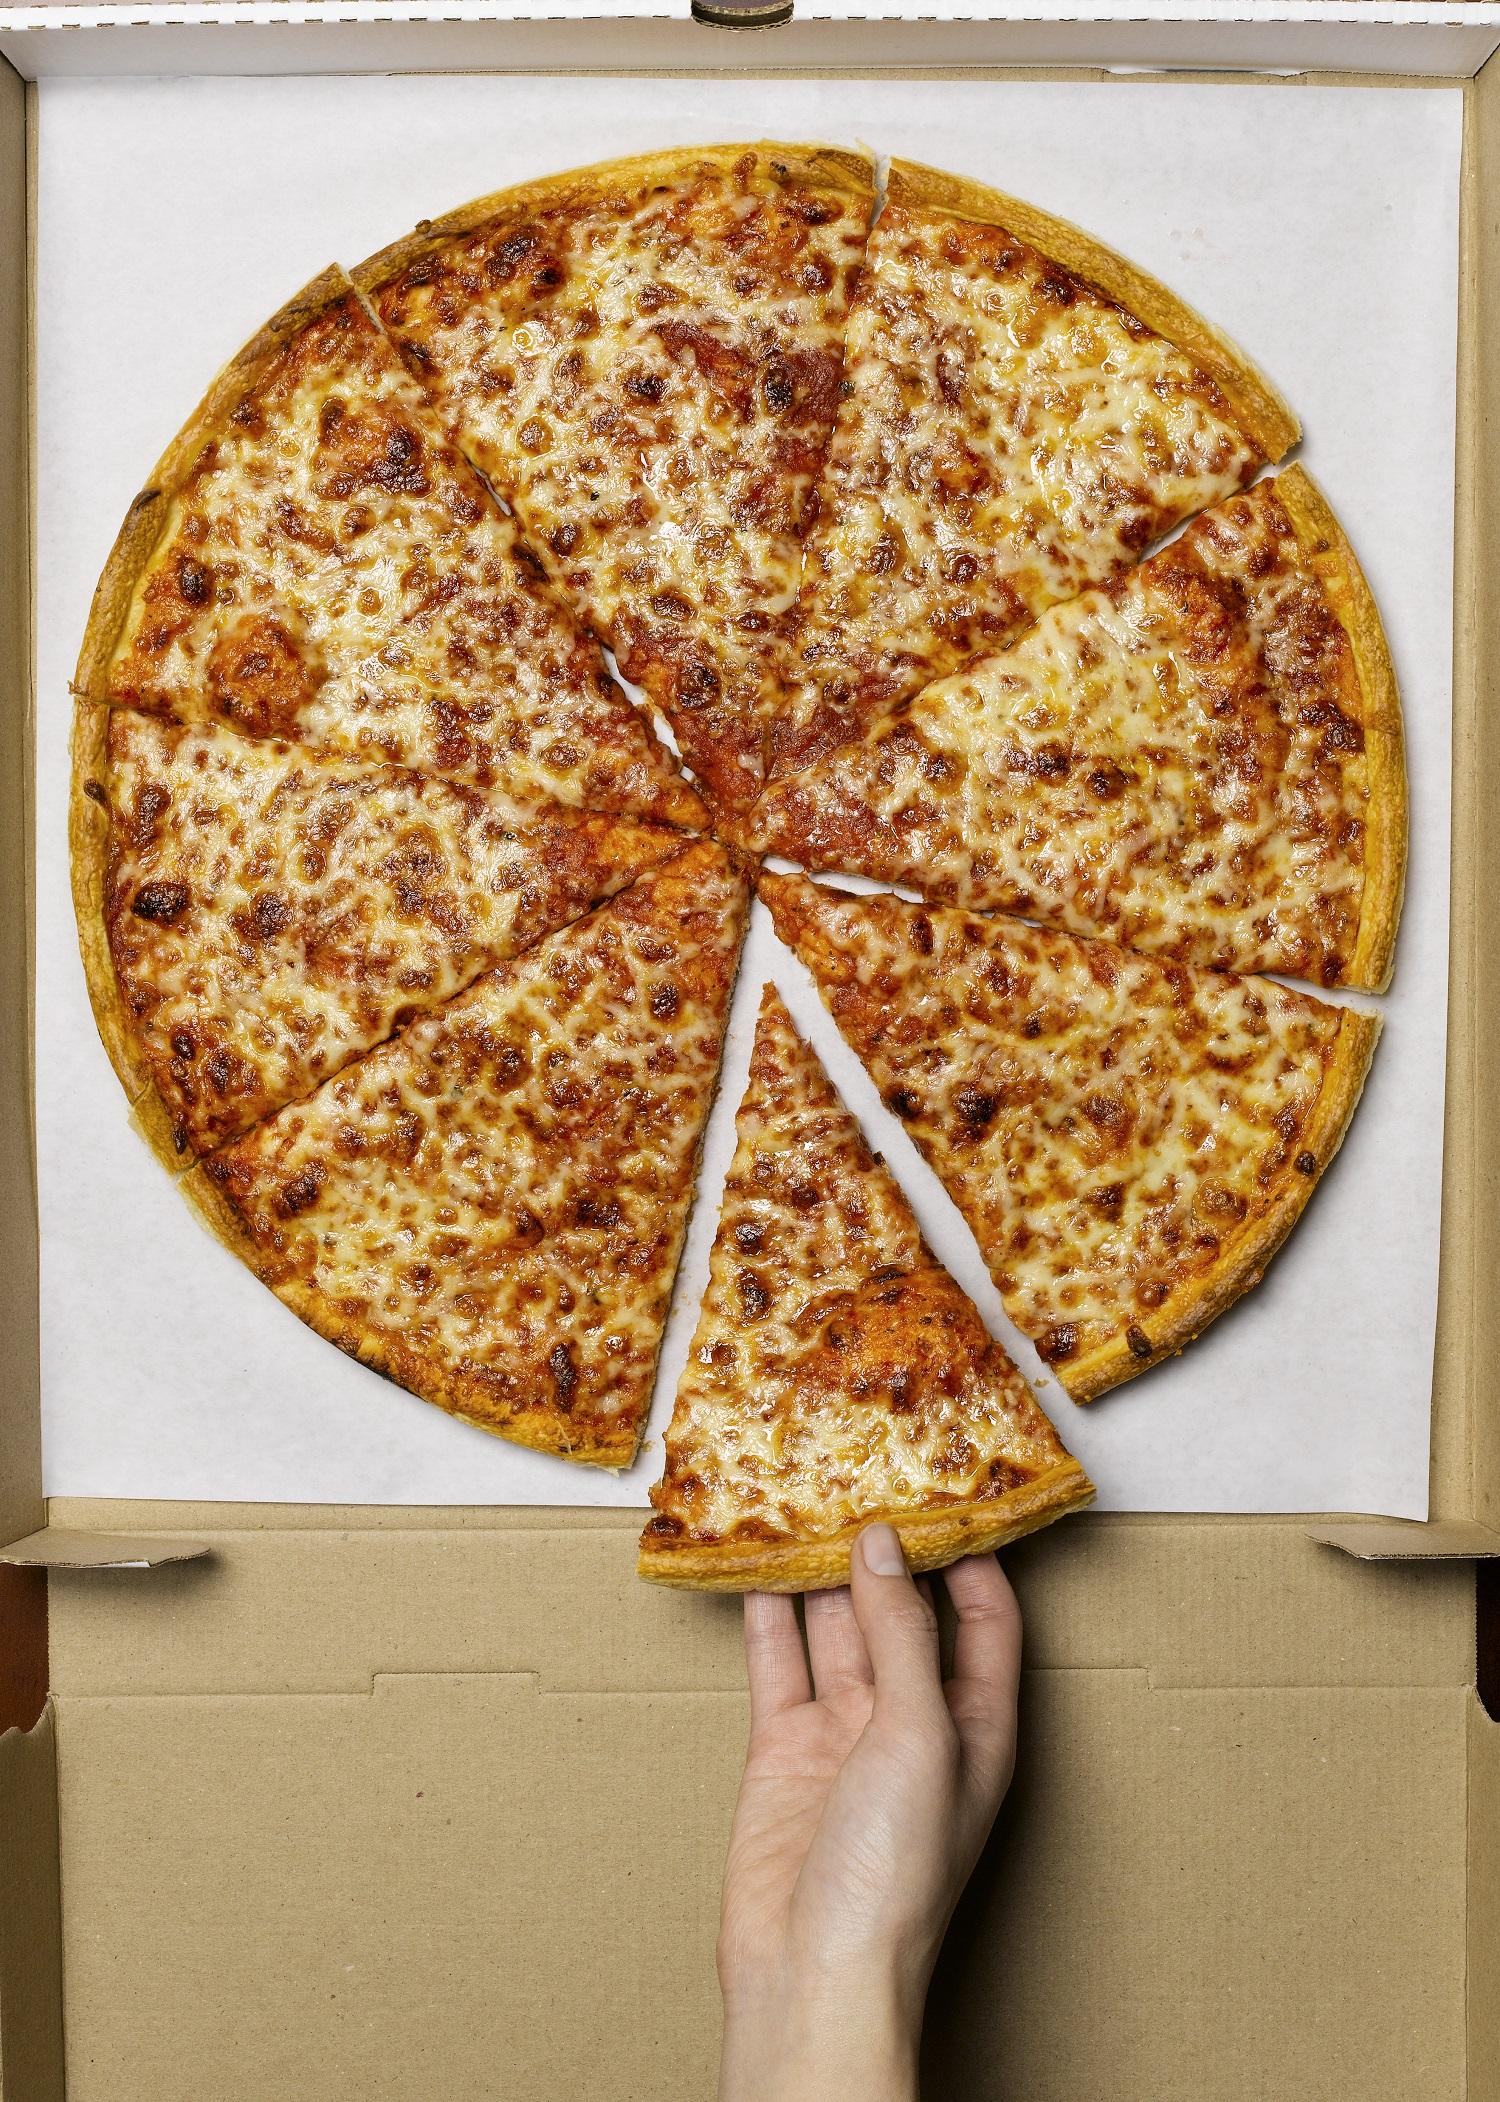 livraison de pizzas montpellier livraison de pizzas notre guide pour se r galer sans. Black Bedroom Furniture Sets. Home Design Ideas